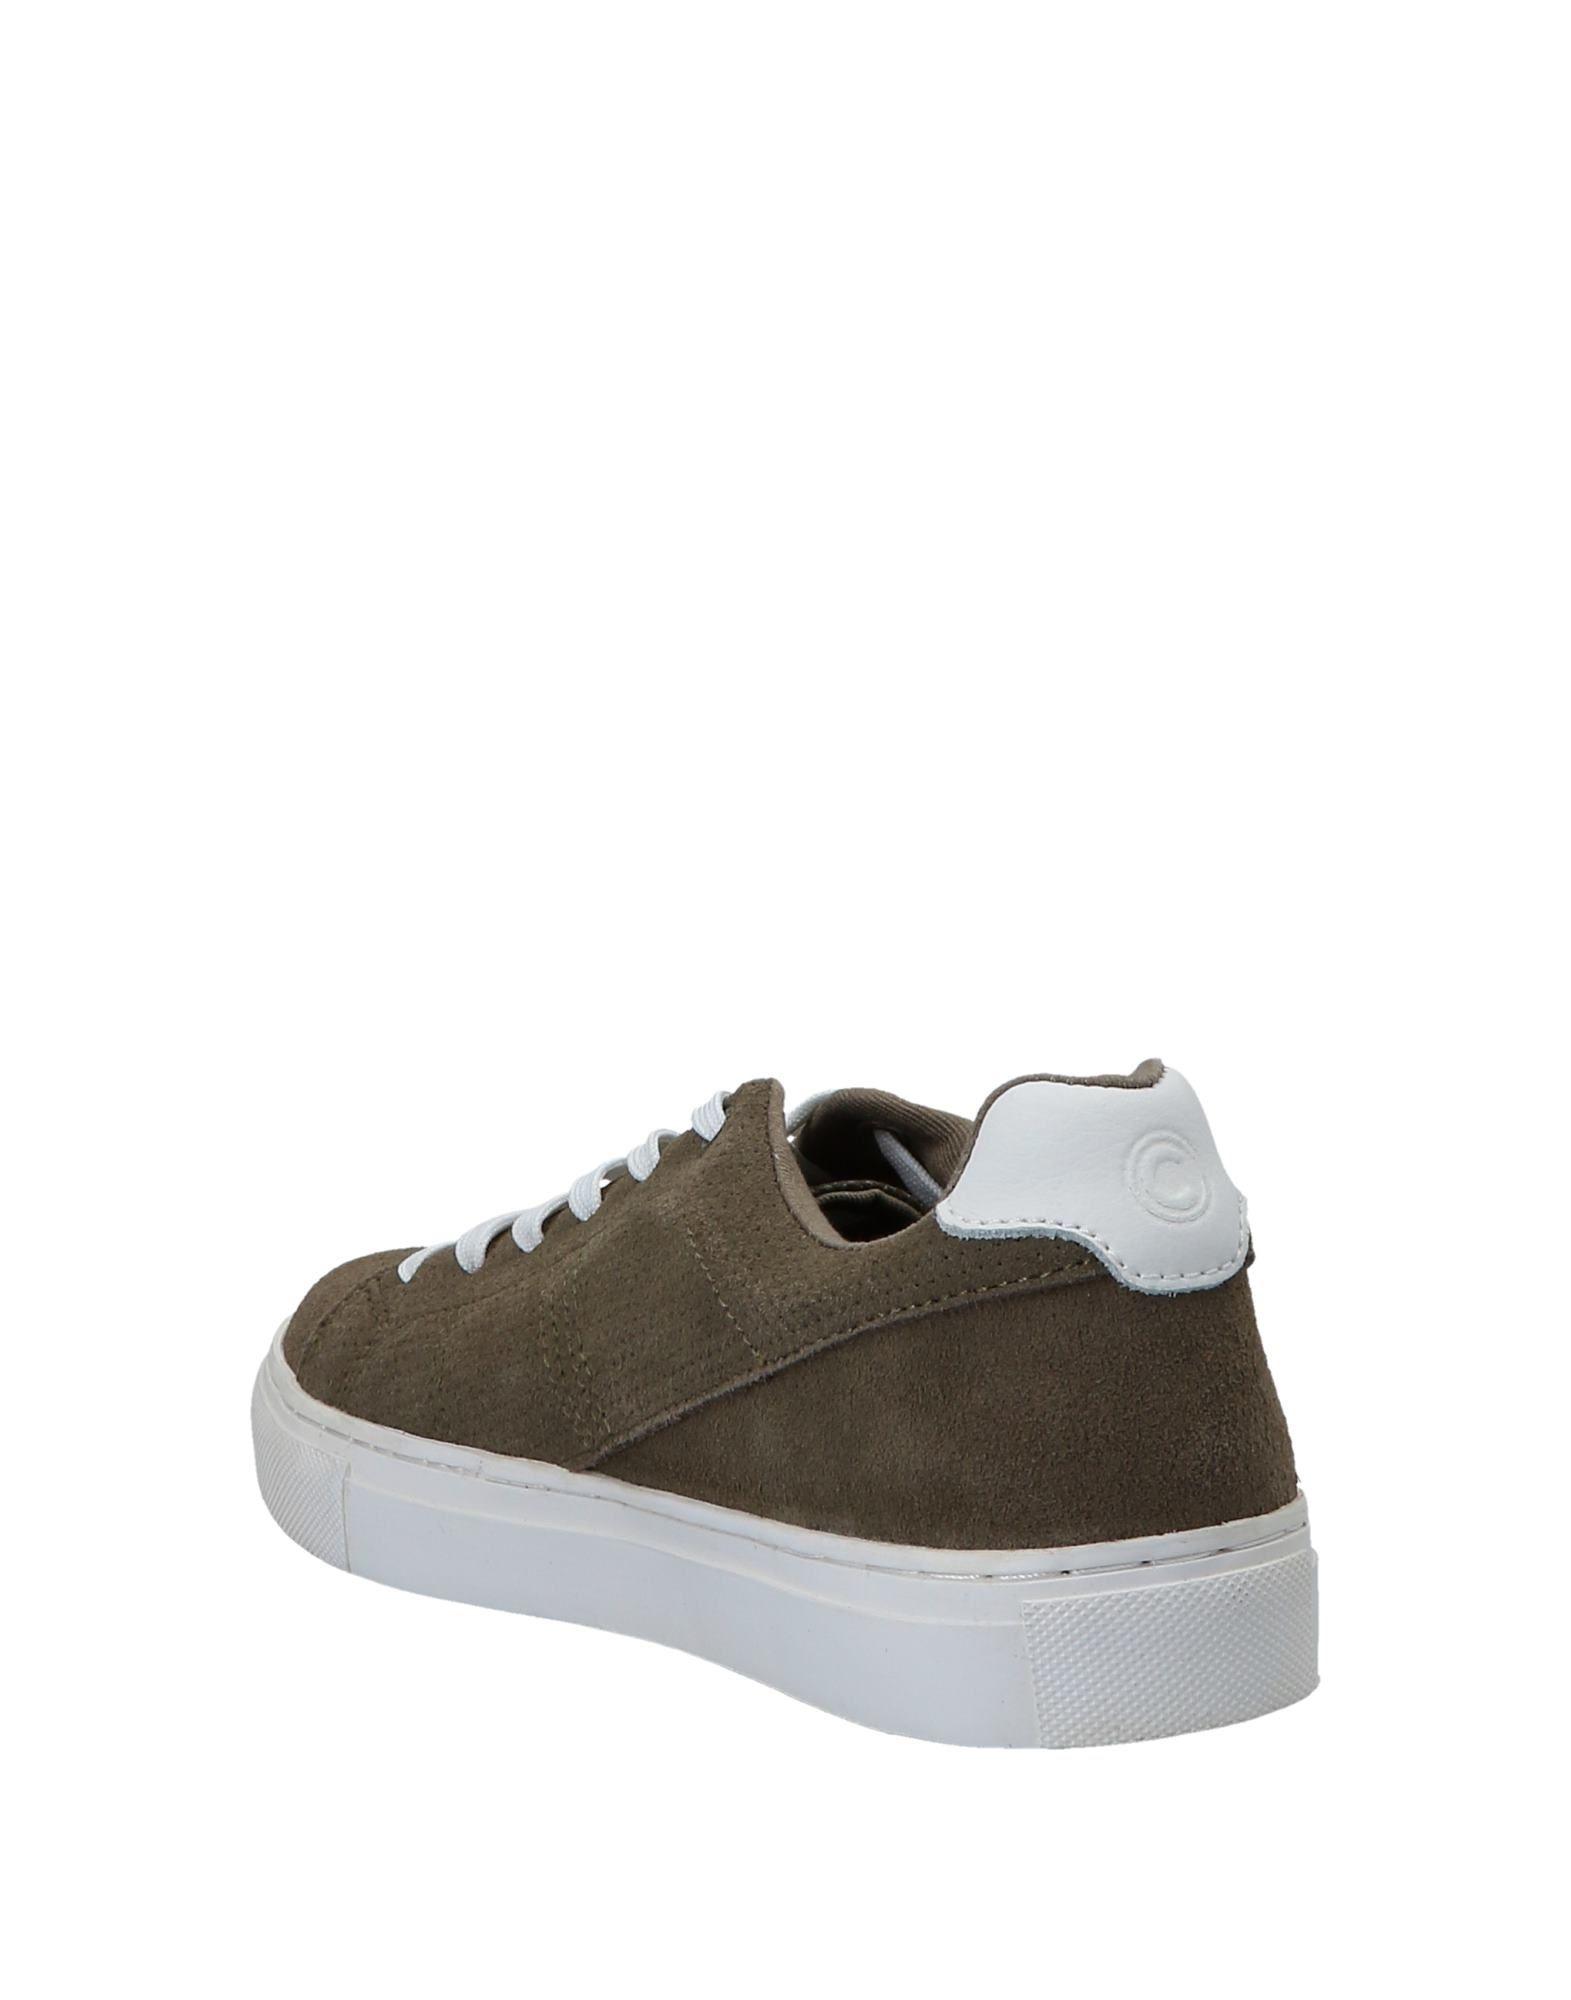 Rabatt echte  Schuhe Colmar Sneakers Herren  echte 11386093IP 616af2